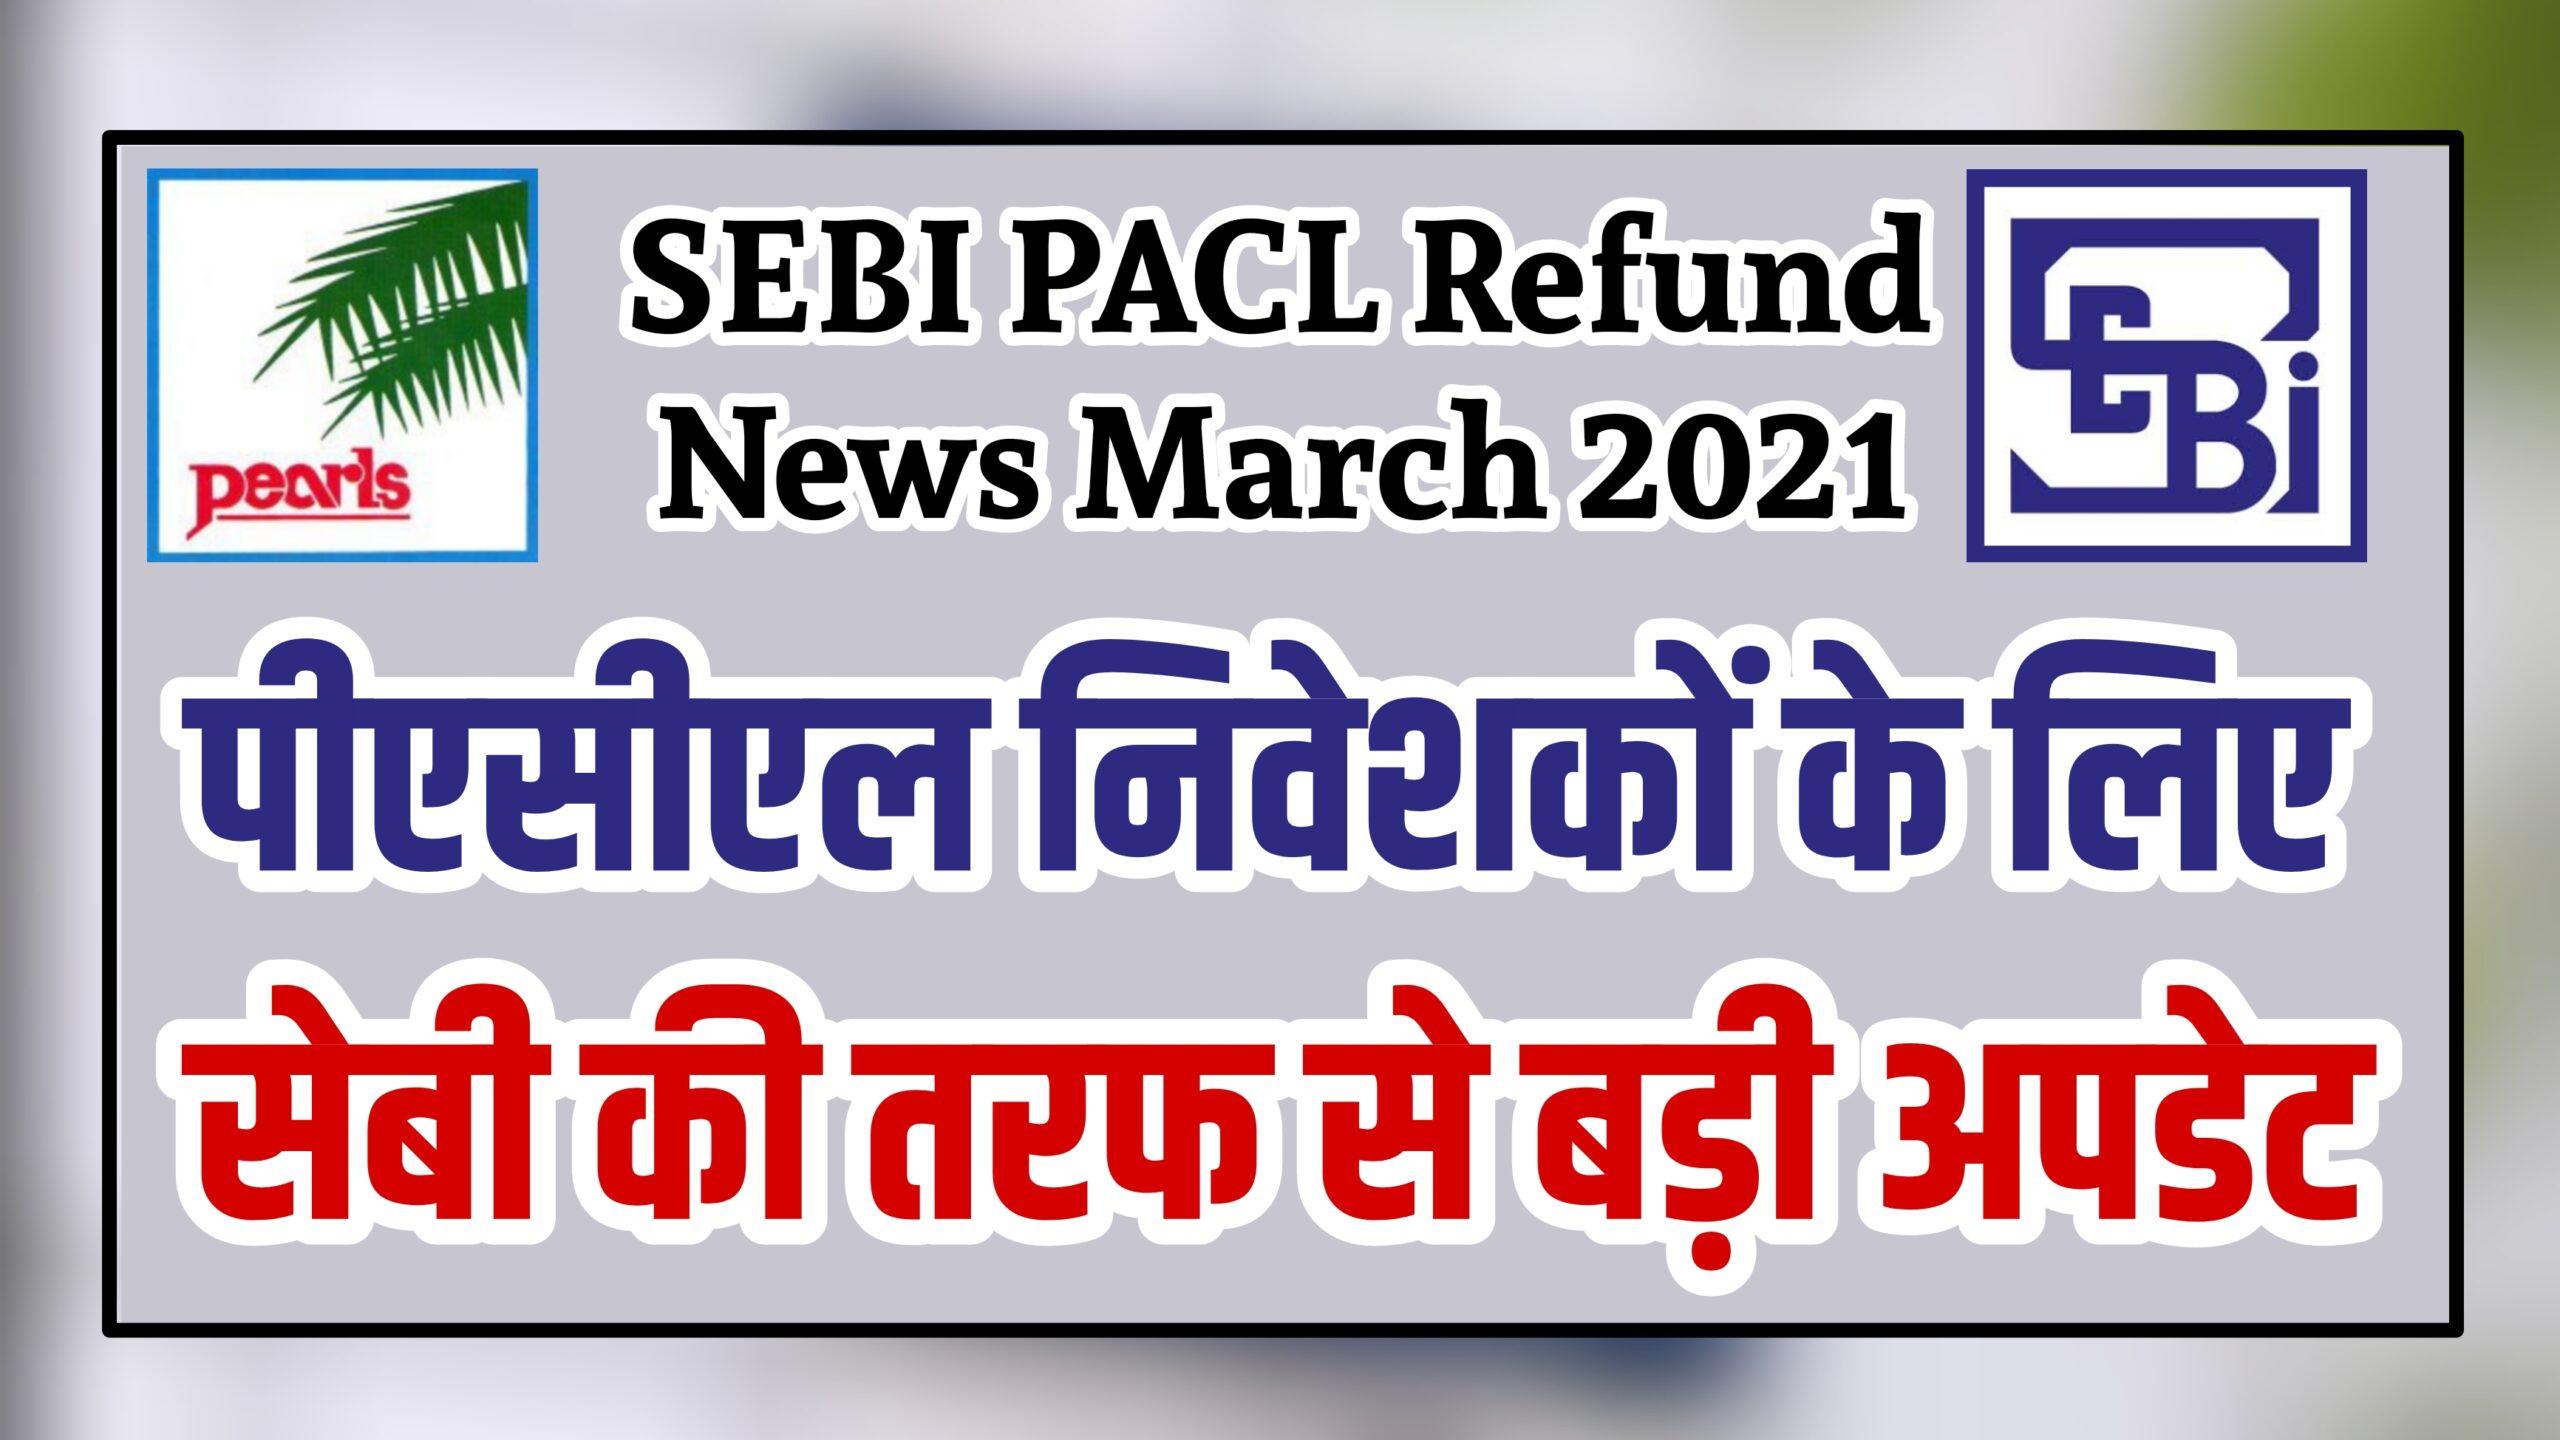 SEBI PACL Refund News In Hindi पीएसीएल निवेशकों के लिए SEBI की तरफ से नई सूचना जारी